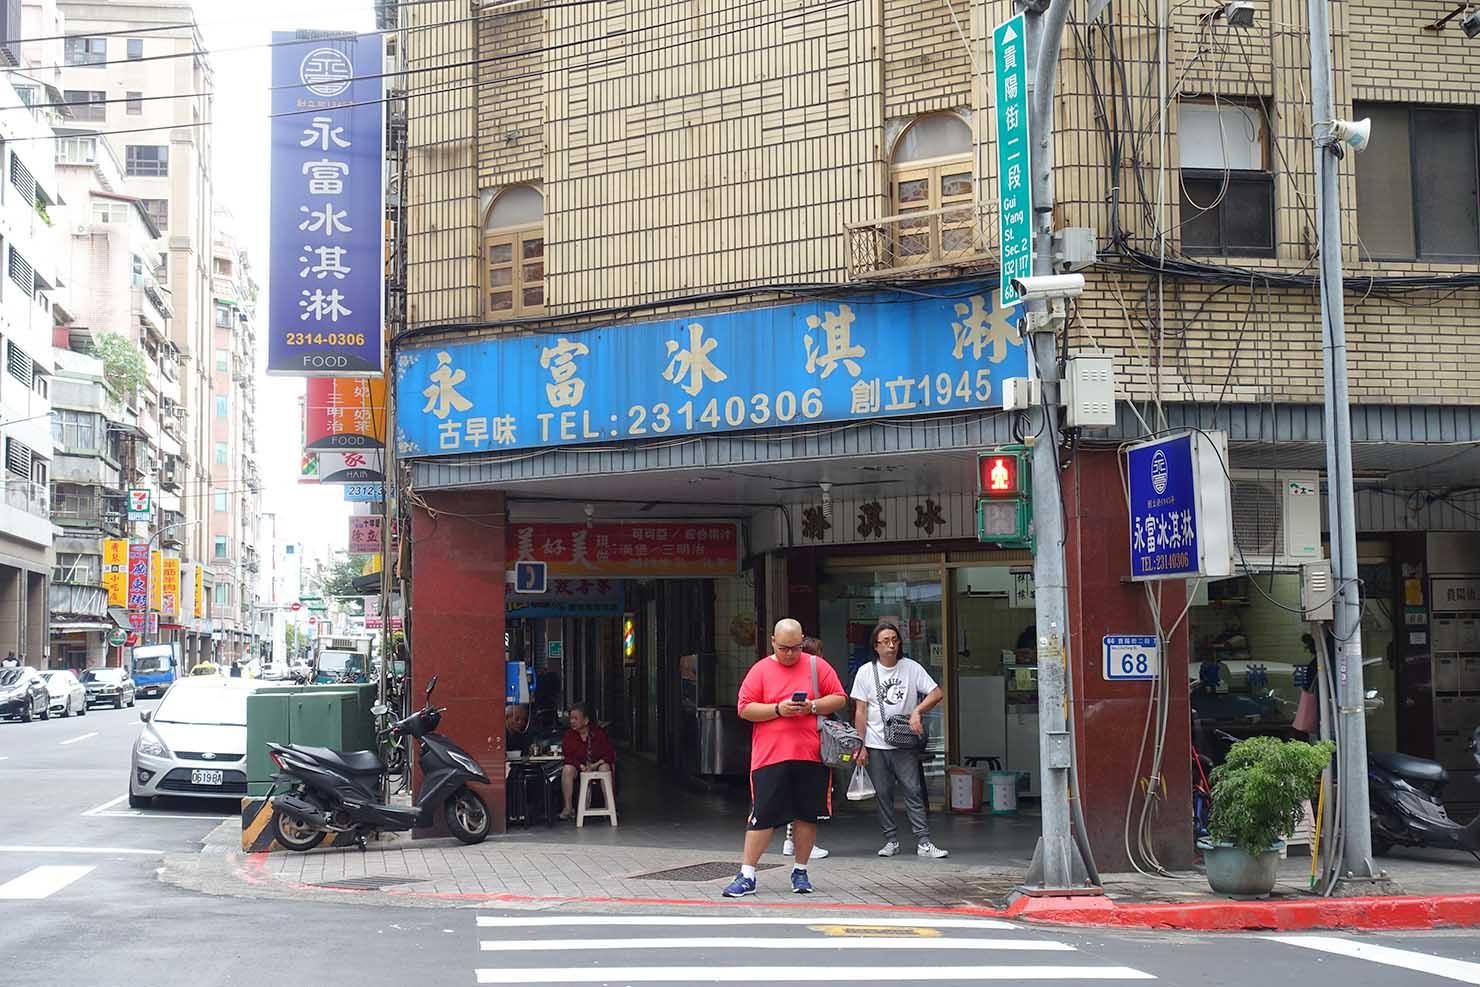 台北・西門町の伝統アイスクリーム専門店「永富冰淇淋」の外観